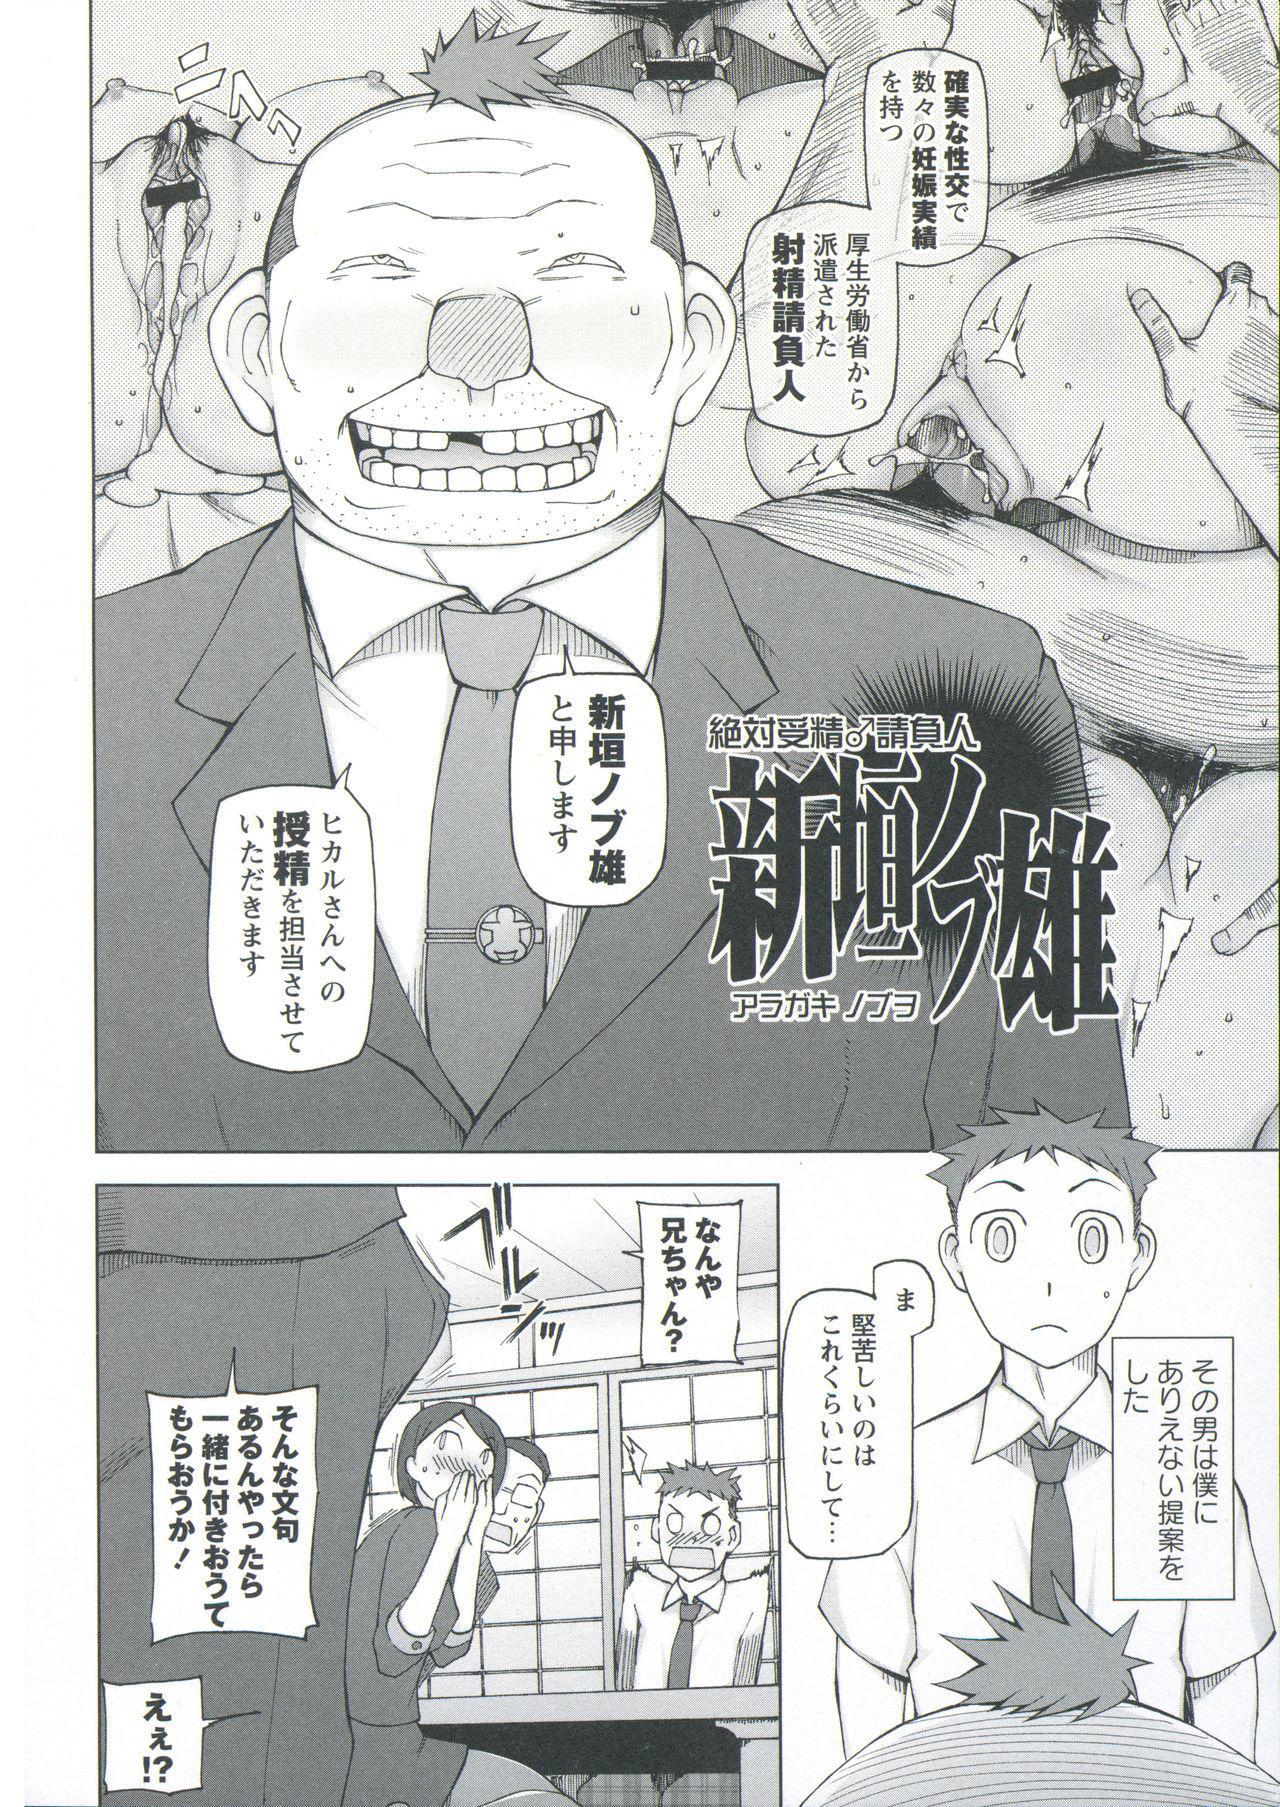 Zettai Jusei Namahame Shoujo 75